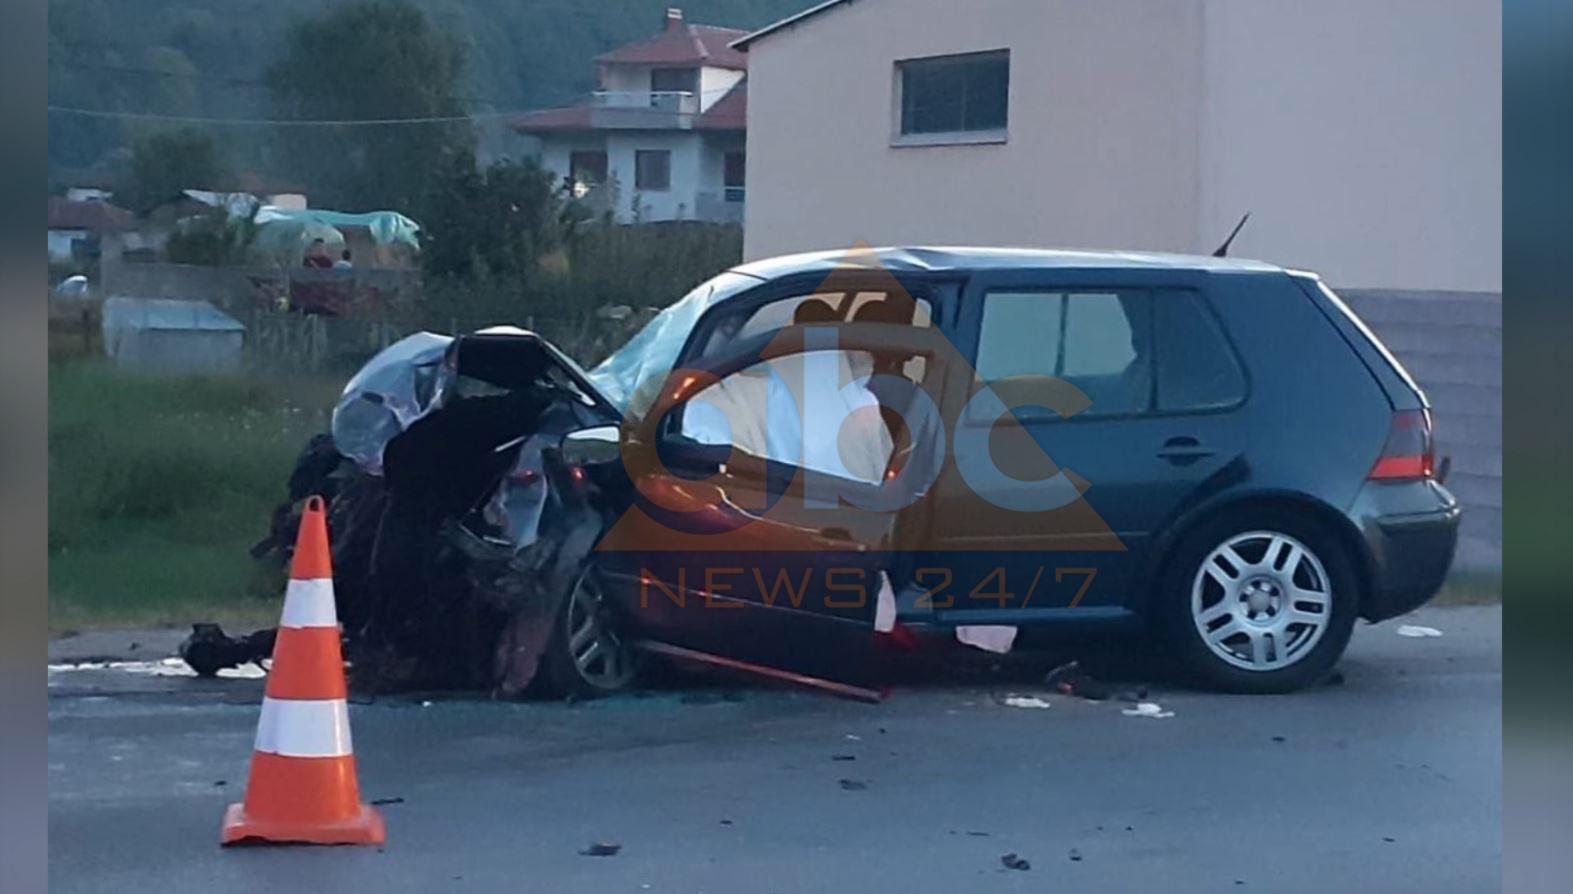 Aksidenti me një viktimë dhe 4 të plagosur në Korçë, arrestohet shoferi